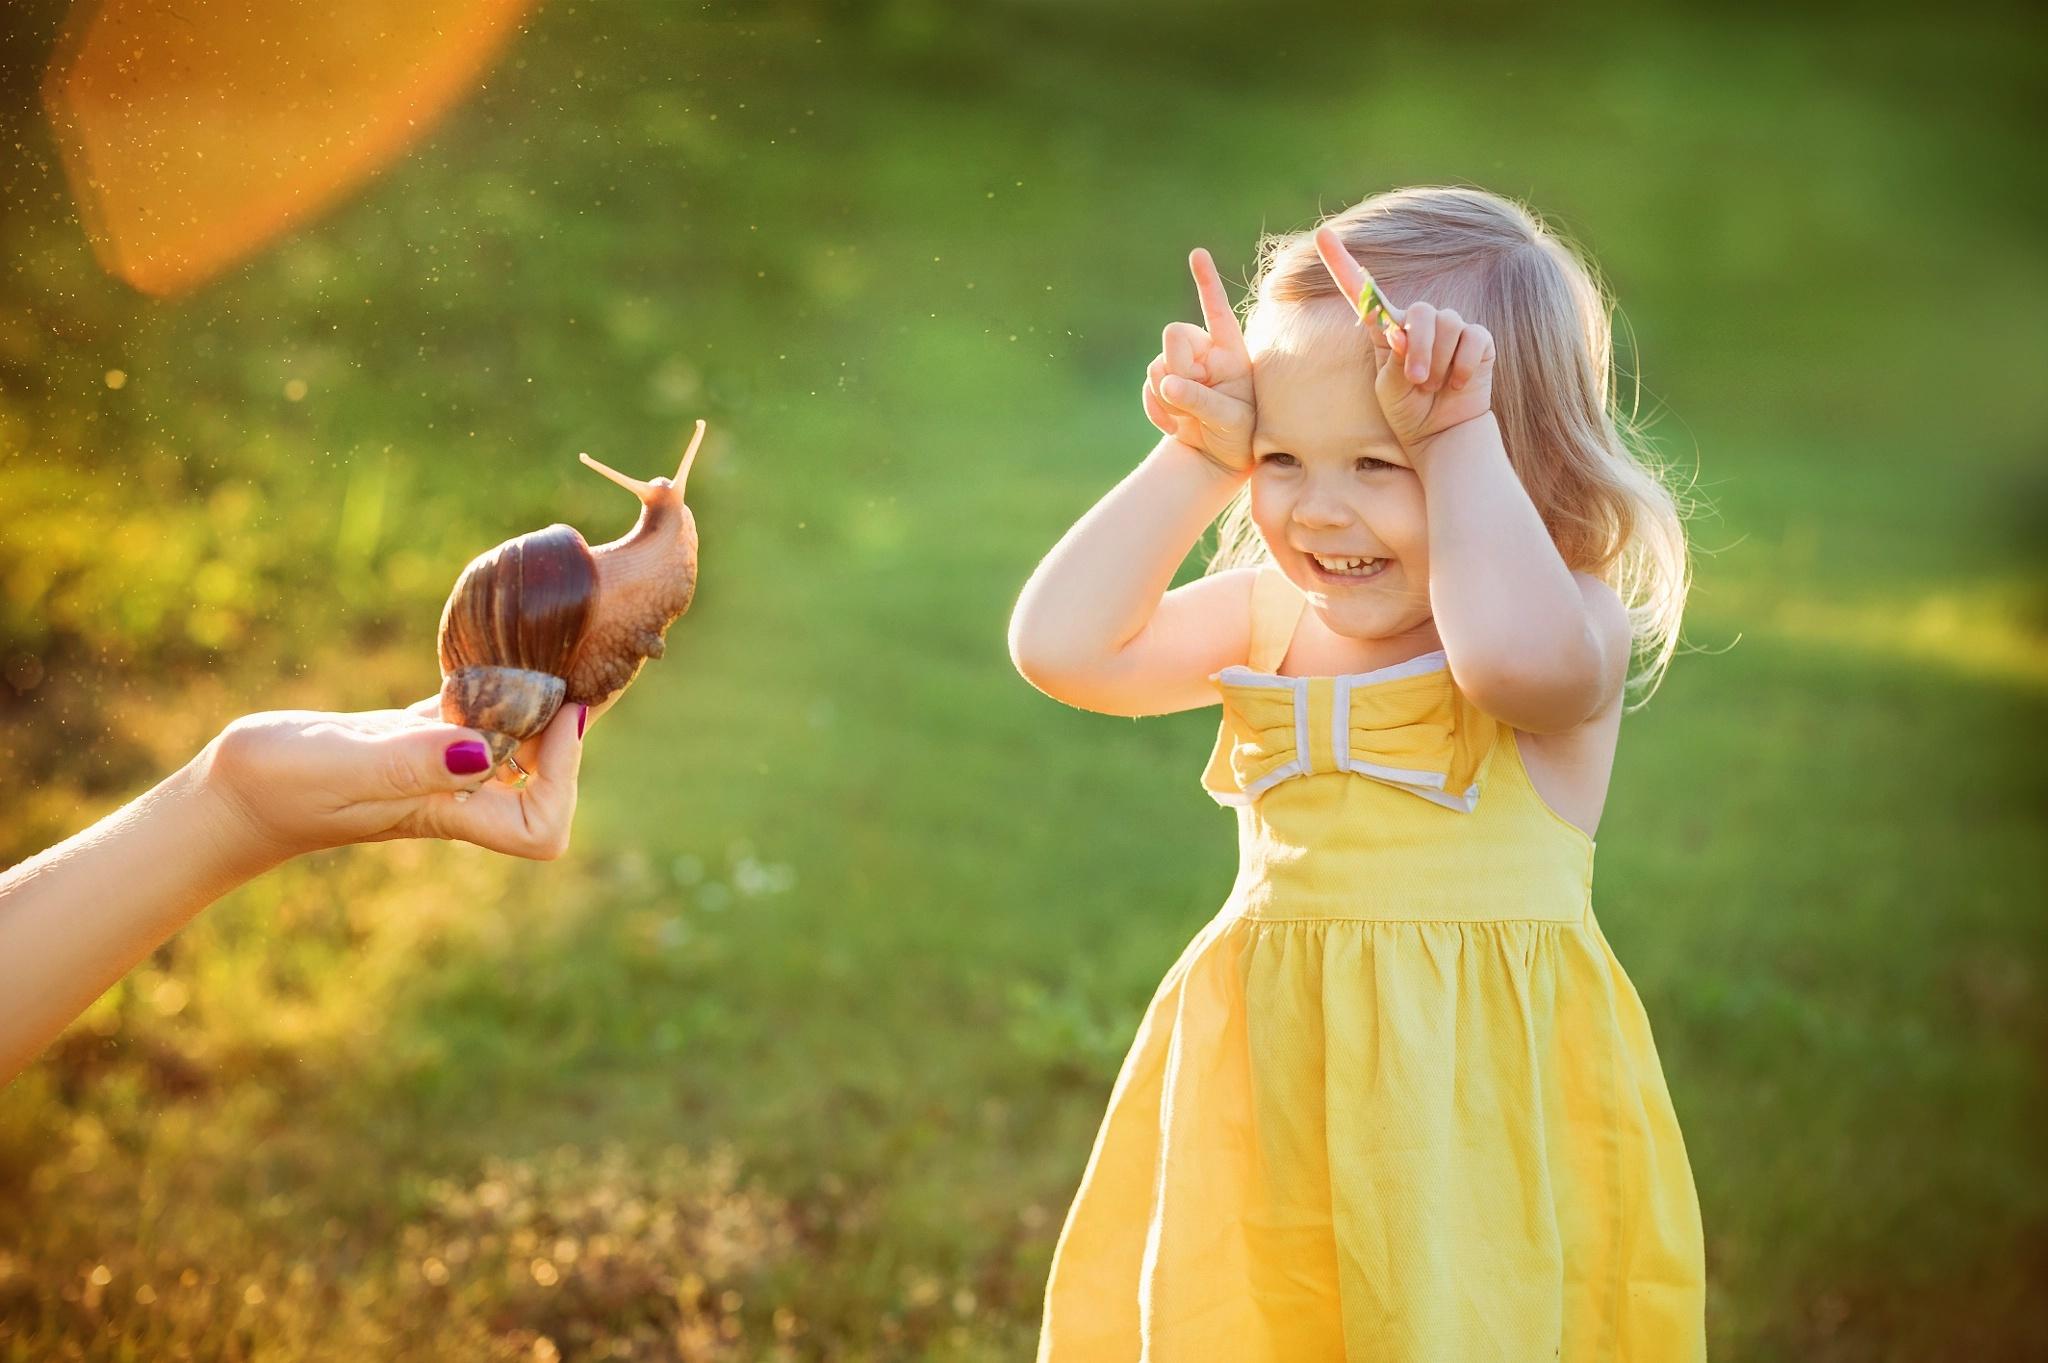 том, фото радости и счастья большого размера днях прочувствовала